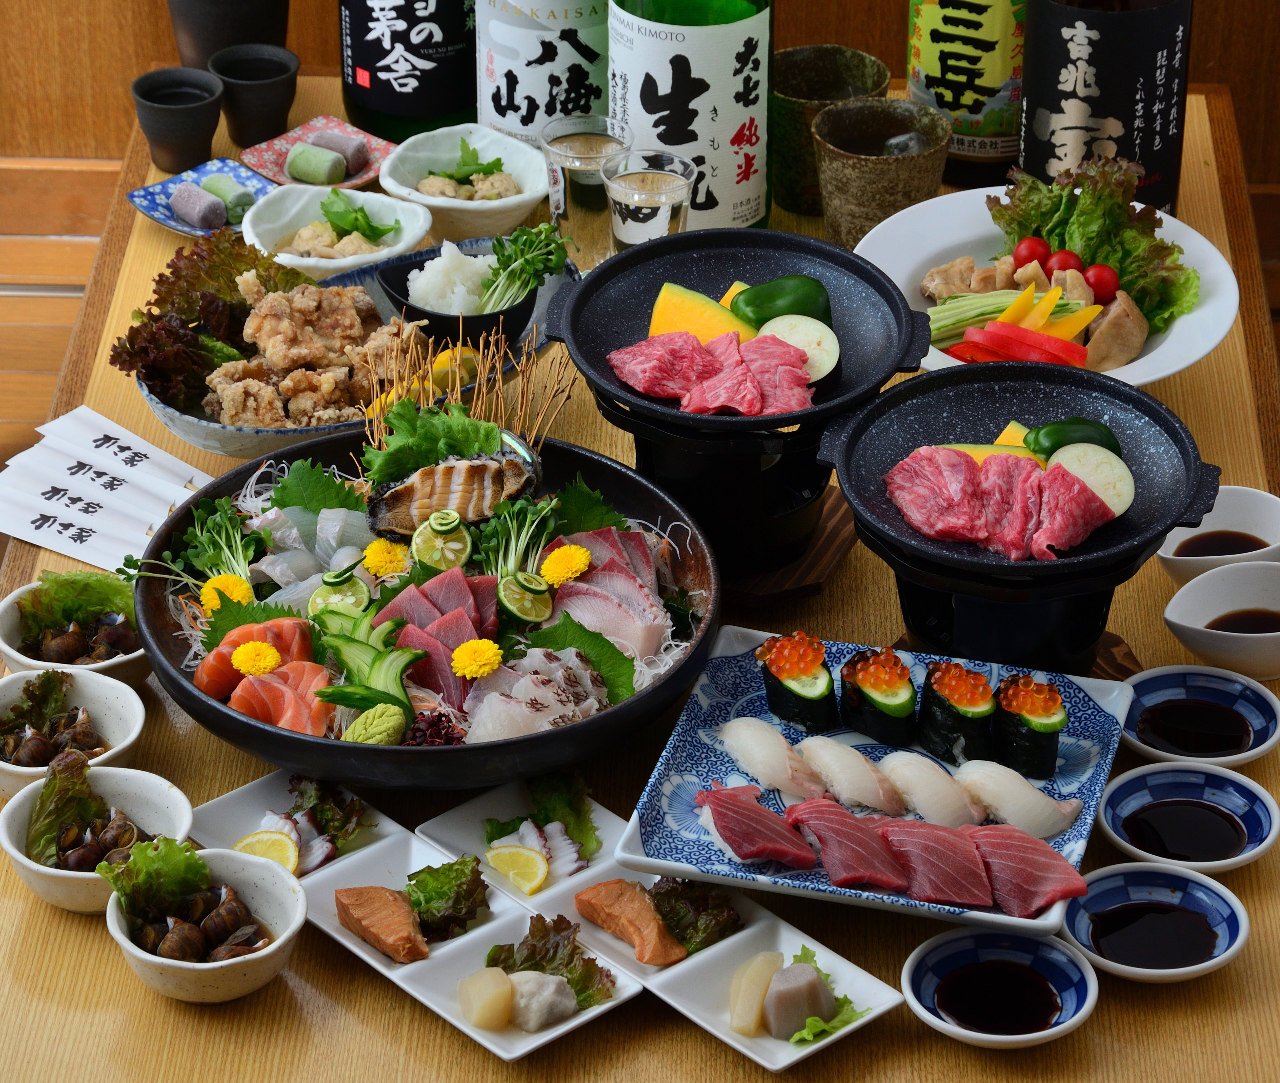 【忘年会】【飲み放題付】あわび入り豪華造り盛り付き!鮮魚も和牛も楽しむリッチな6,000円お料理コース